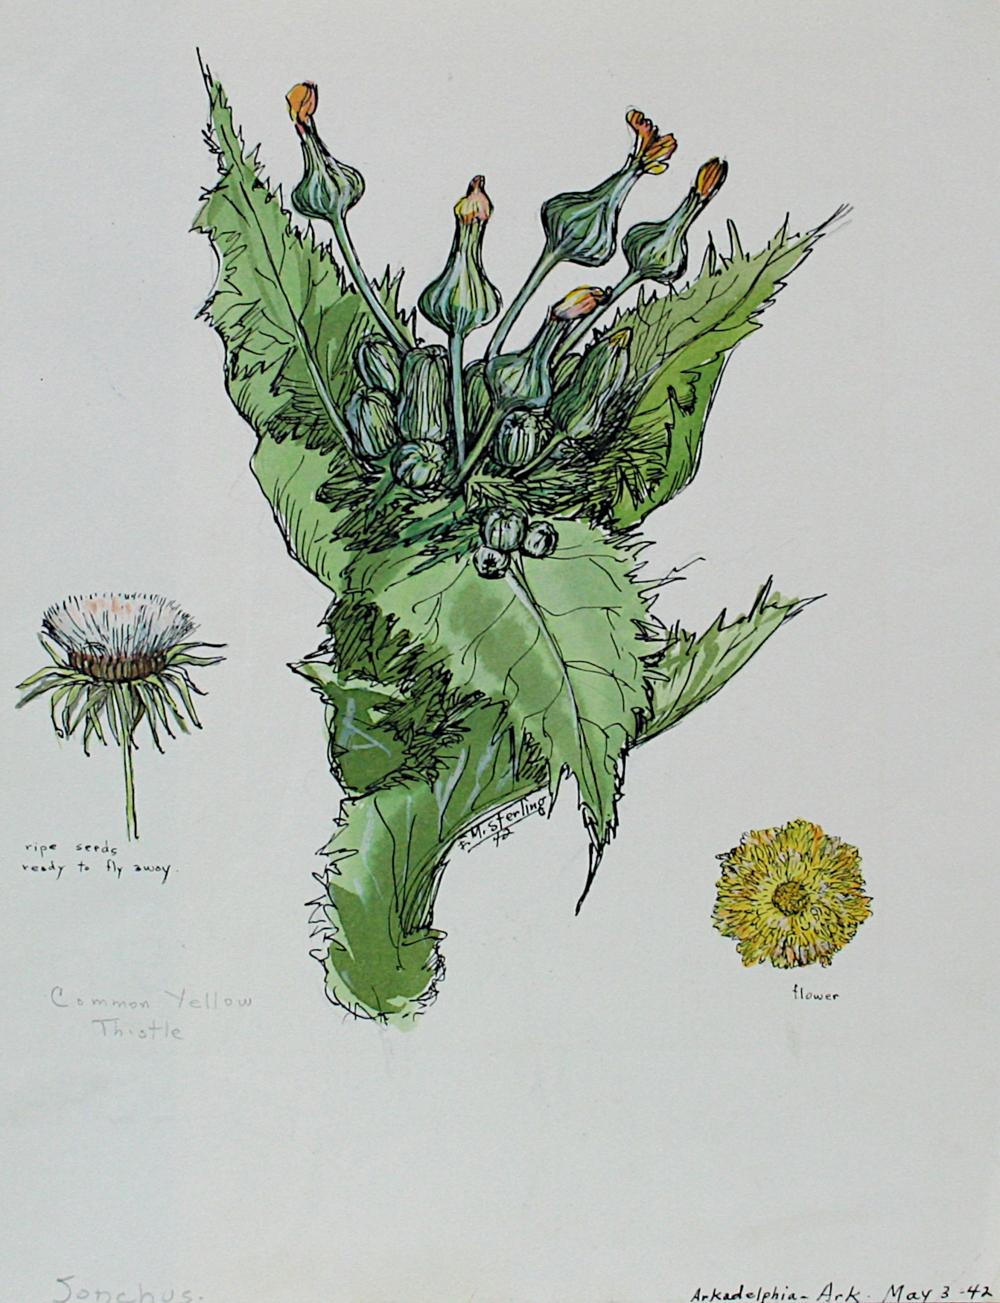 Common Yellow Thistle